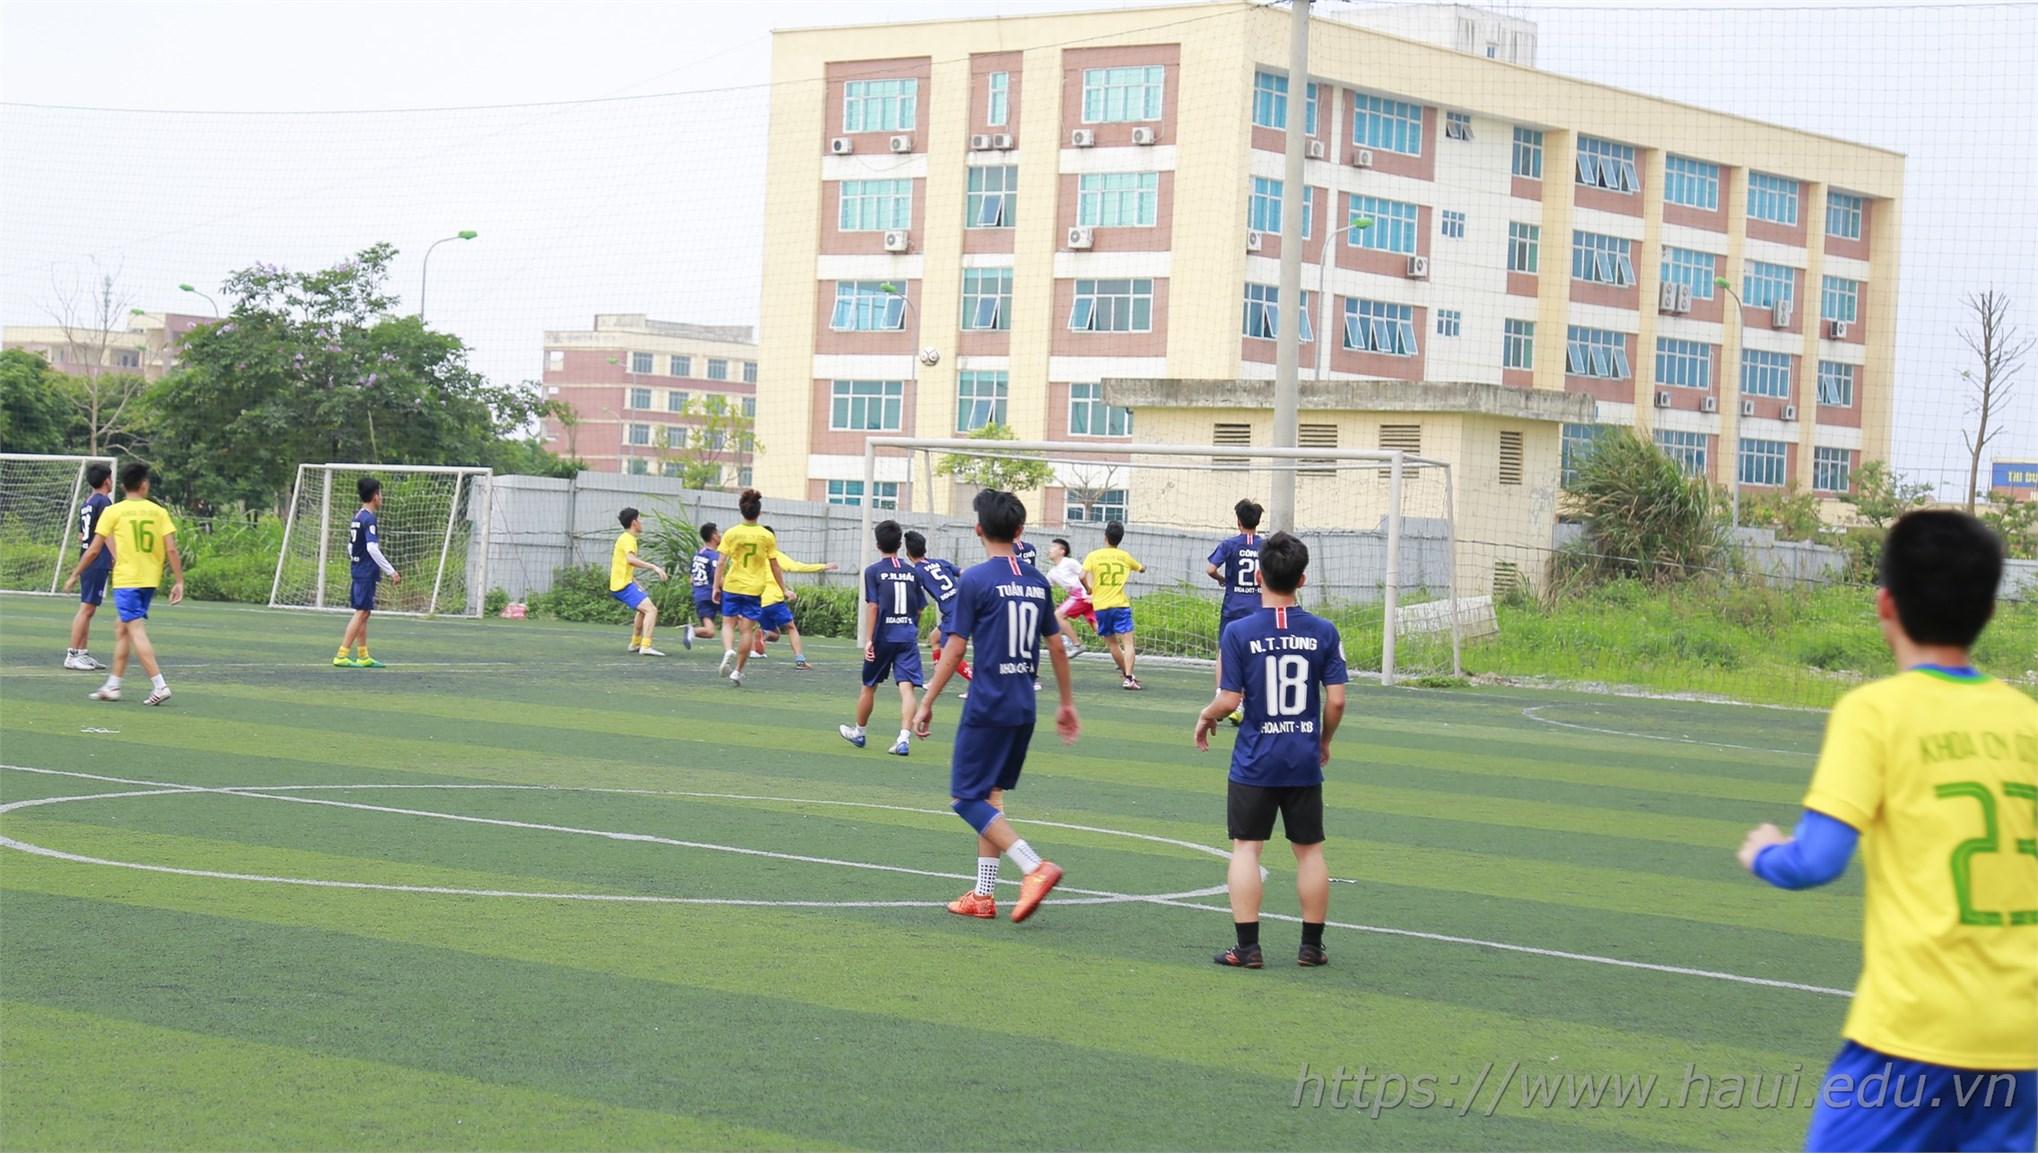 Đội bóng khoa Công nghệ Ô tô vô địch Giải bóng đá 11 người nam sinh viên